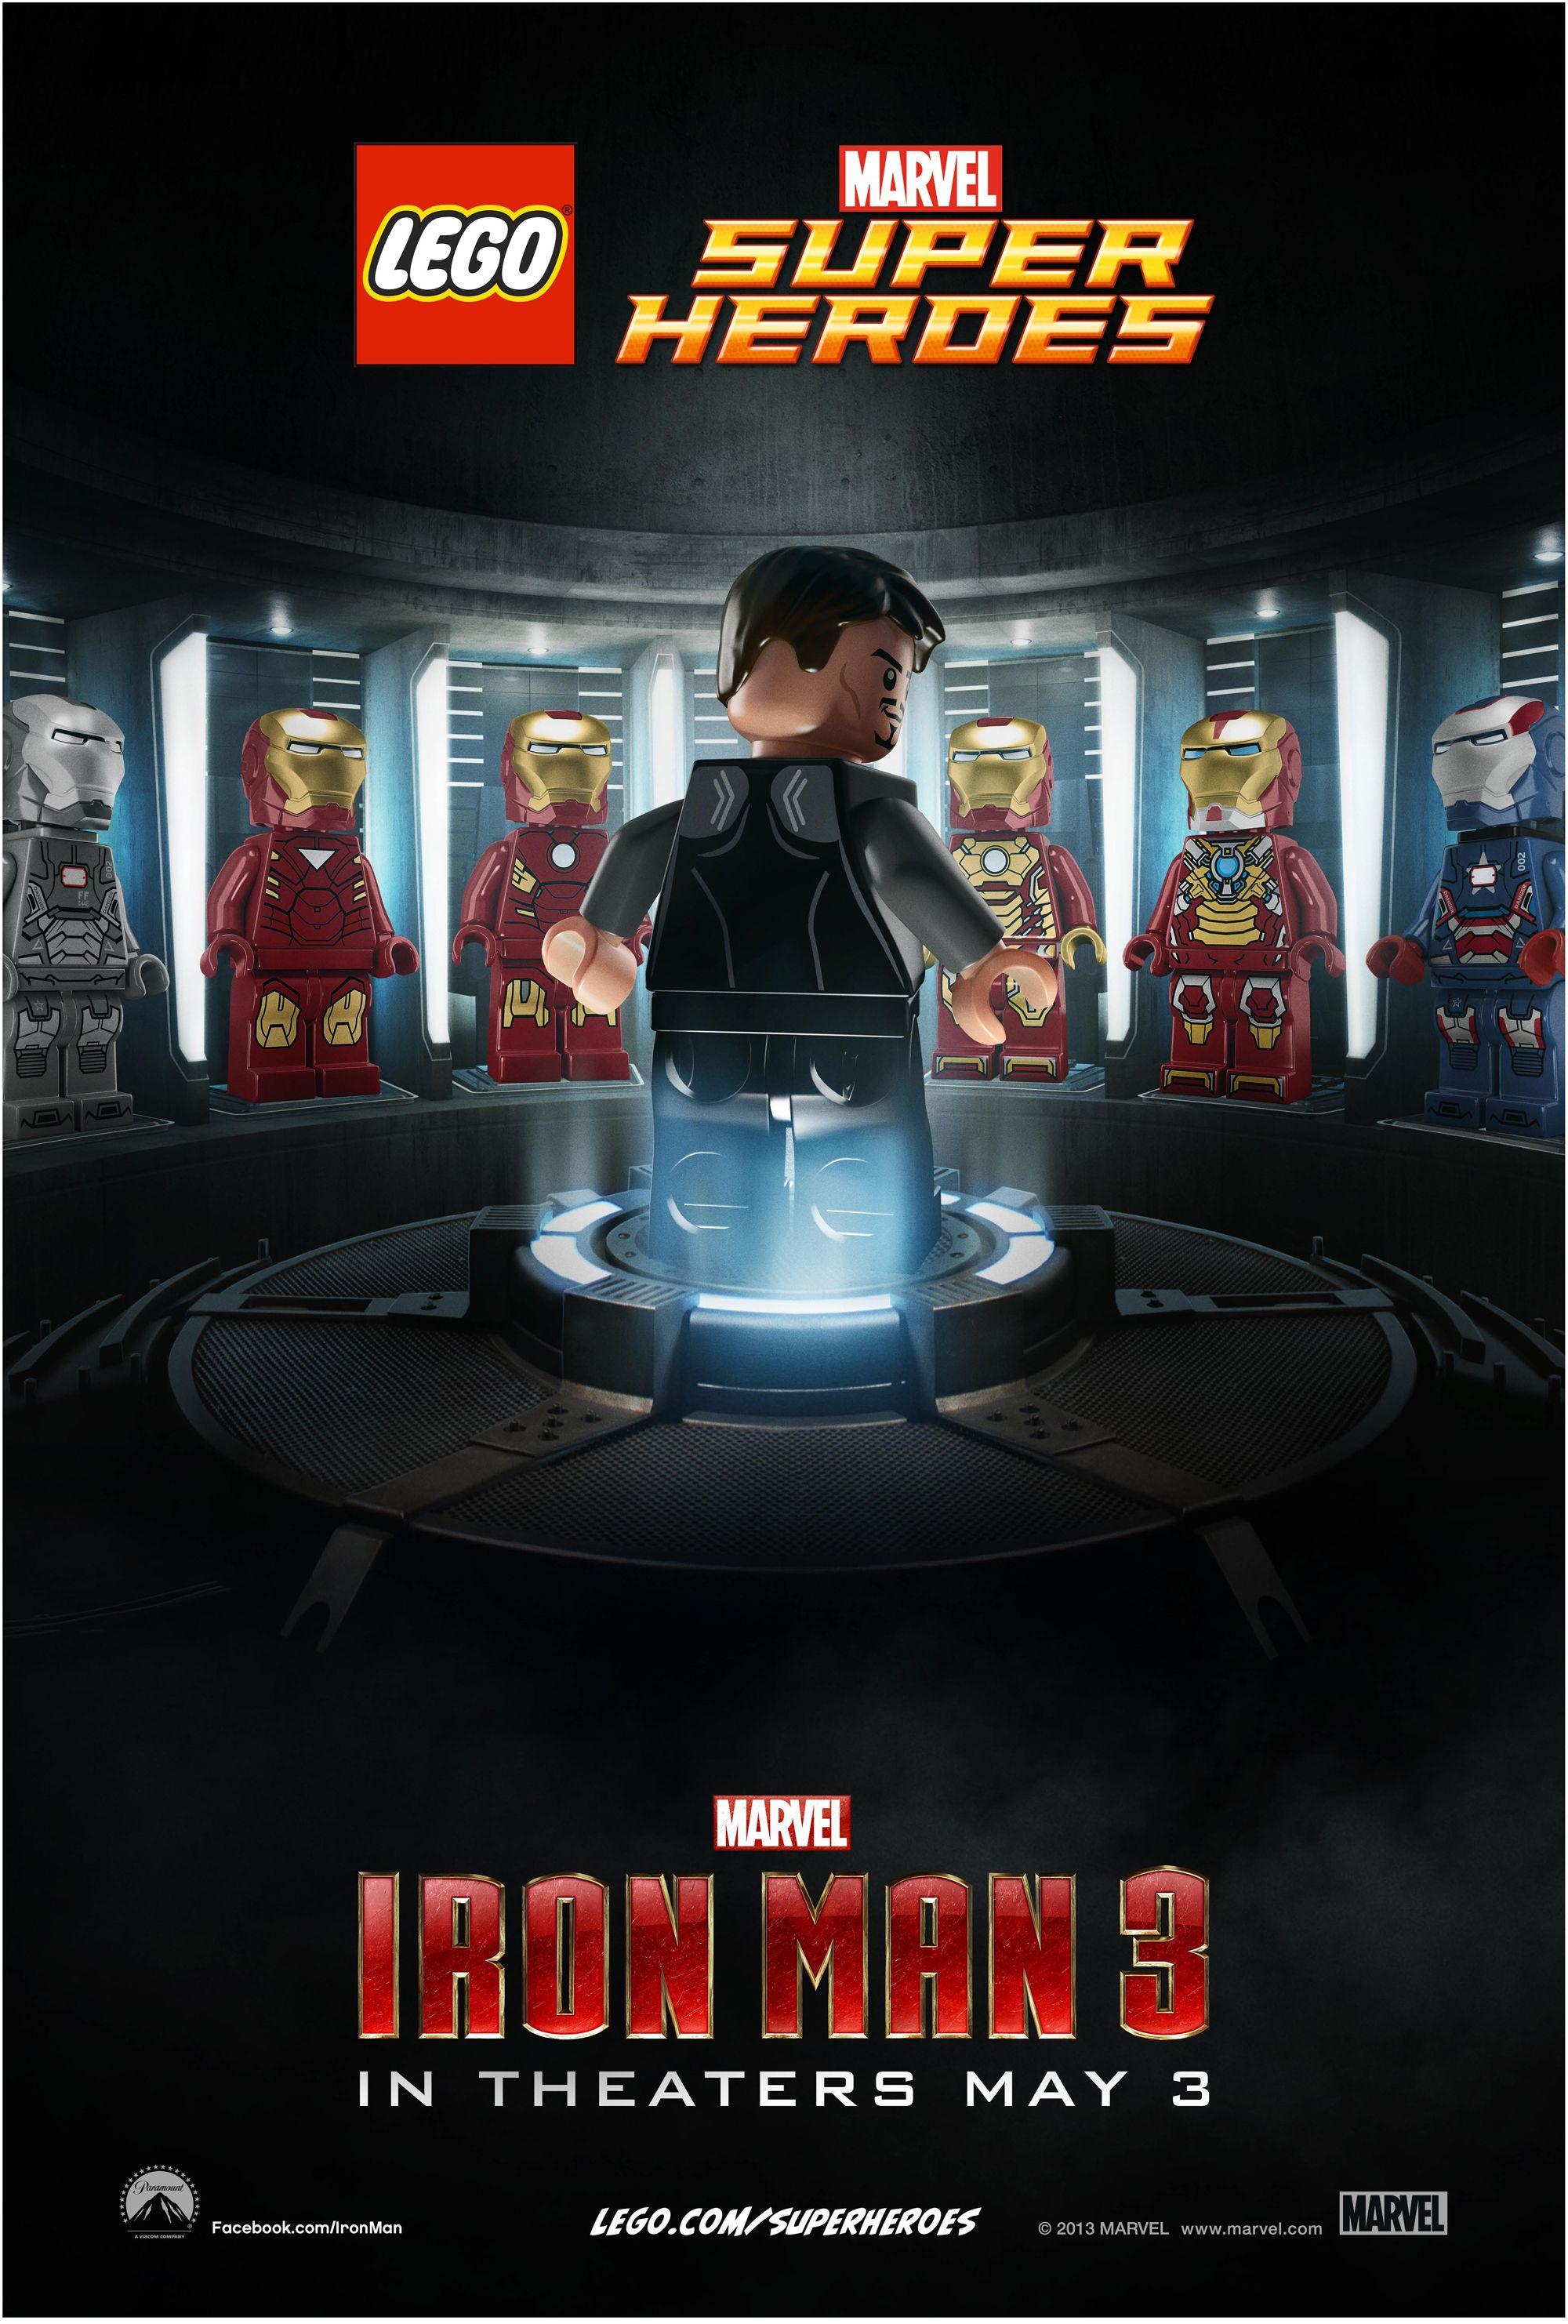 lego iron man 3 wallpaper - photo #30